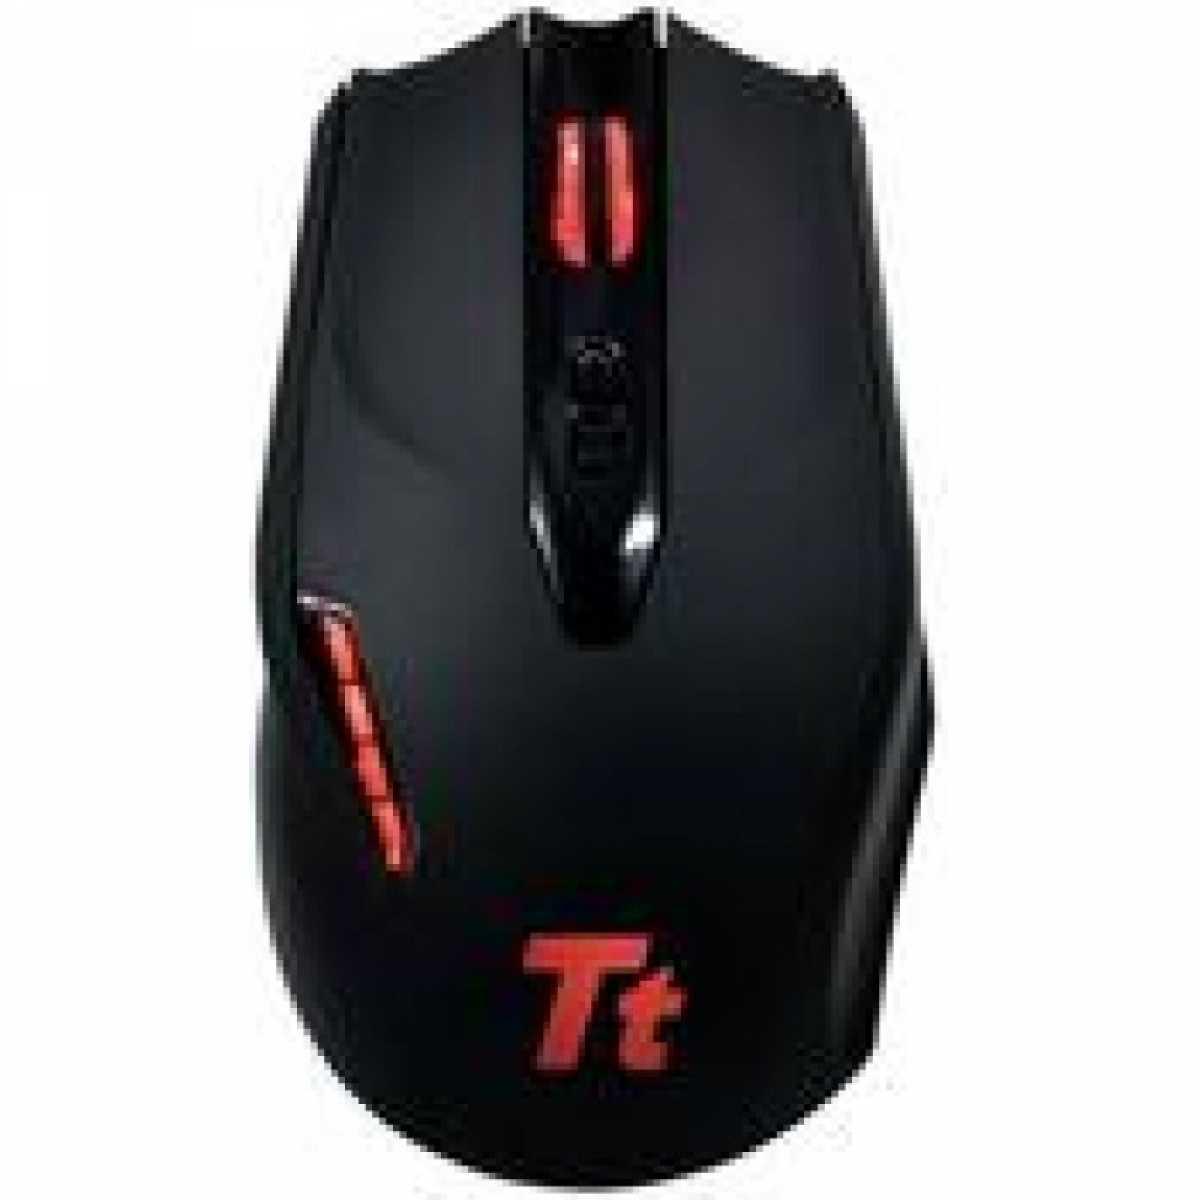 Mouse Gamer Thermaltake eSports, 4000 DPI, Black, MOBLK002DT